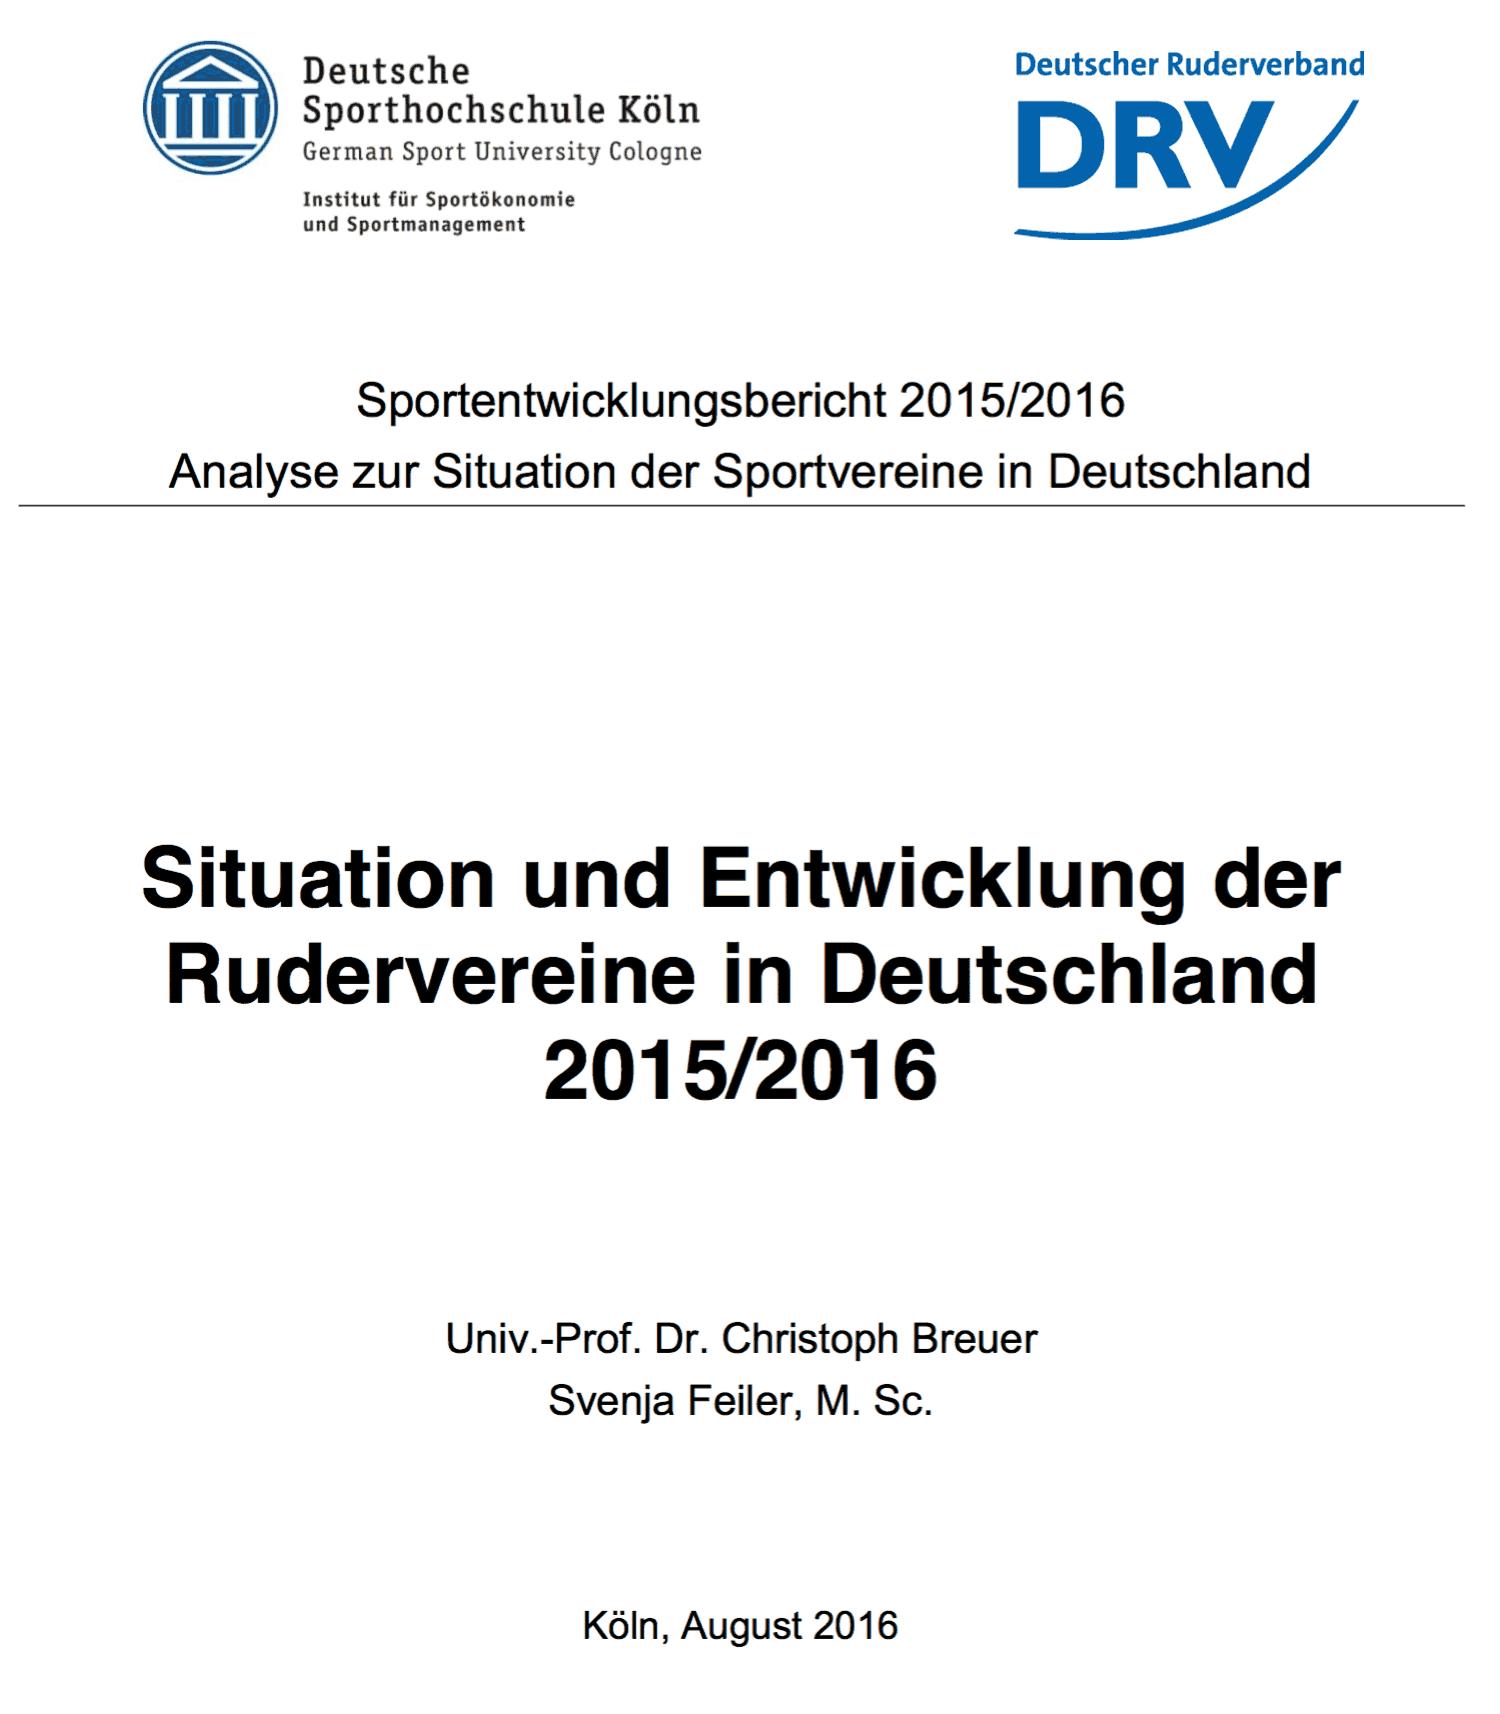 Situation und Entwicklung der Rudervereine in Deutschland 2015/2016